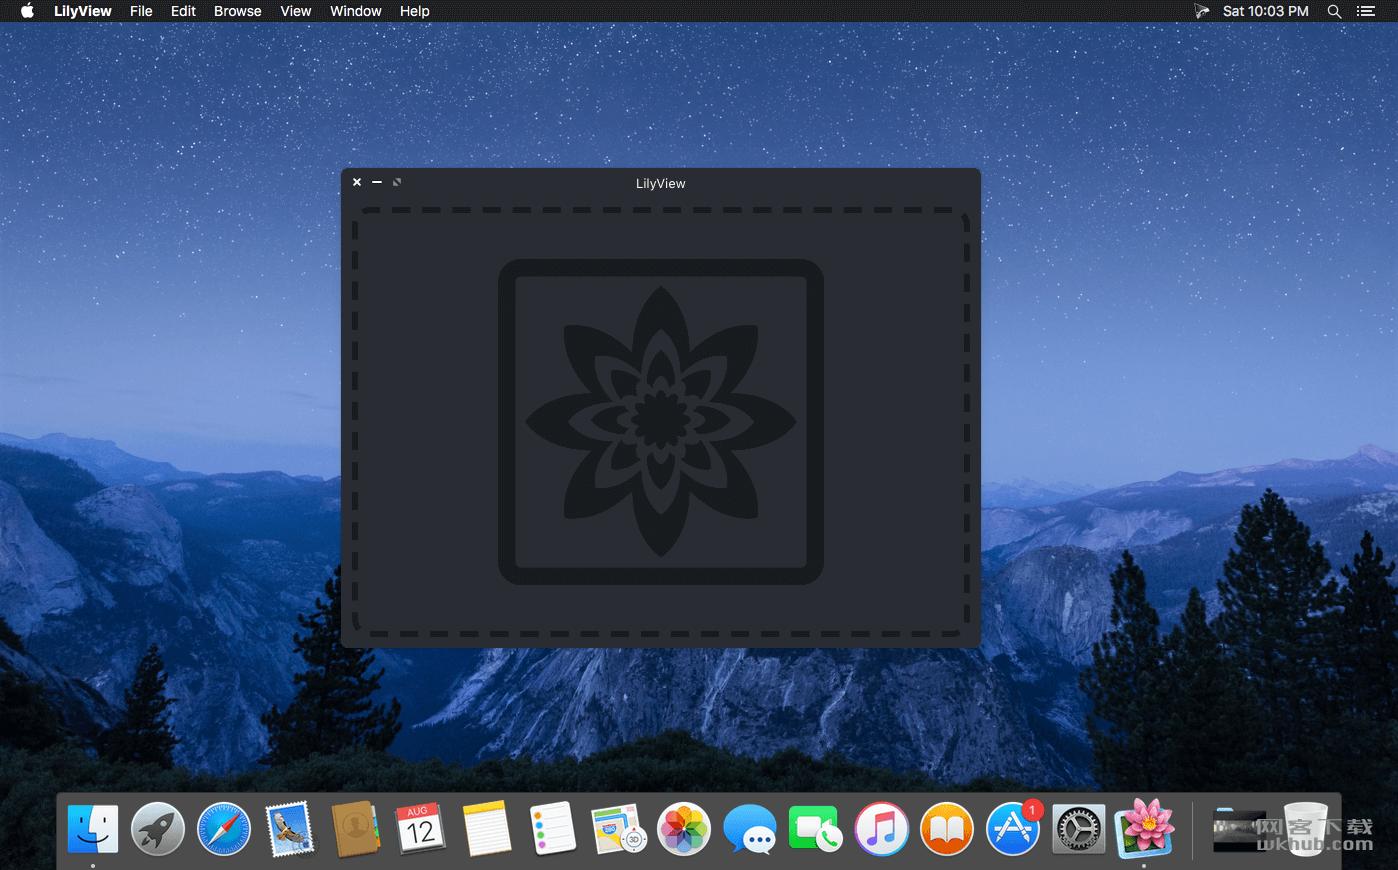 LilyView 1.4.1 图片查看工具